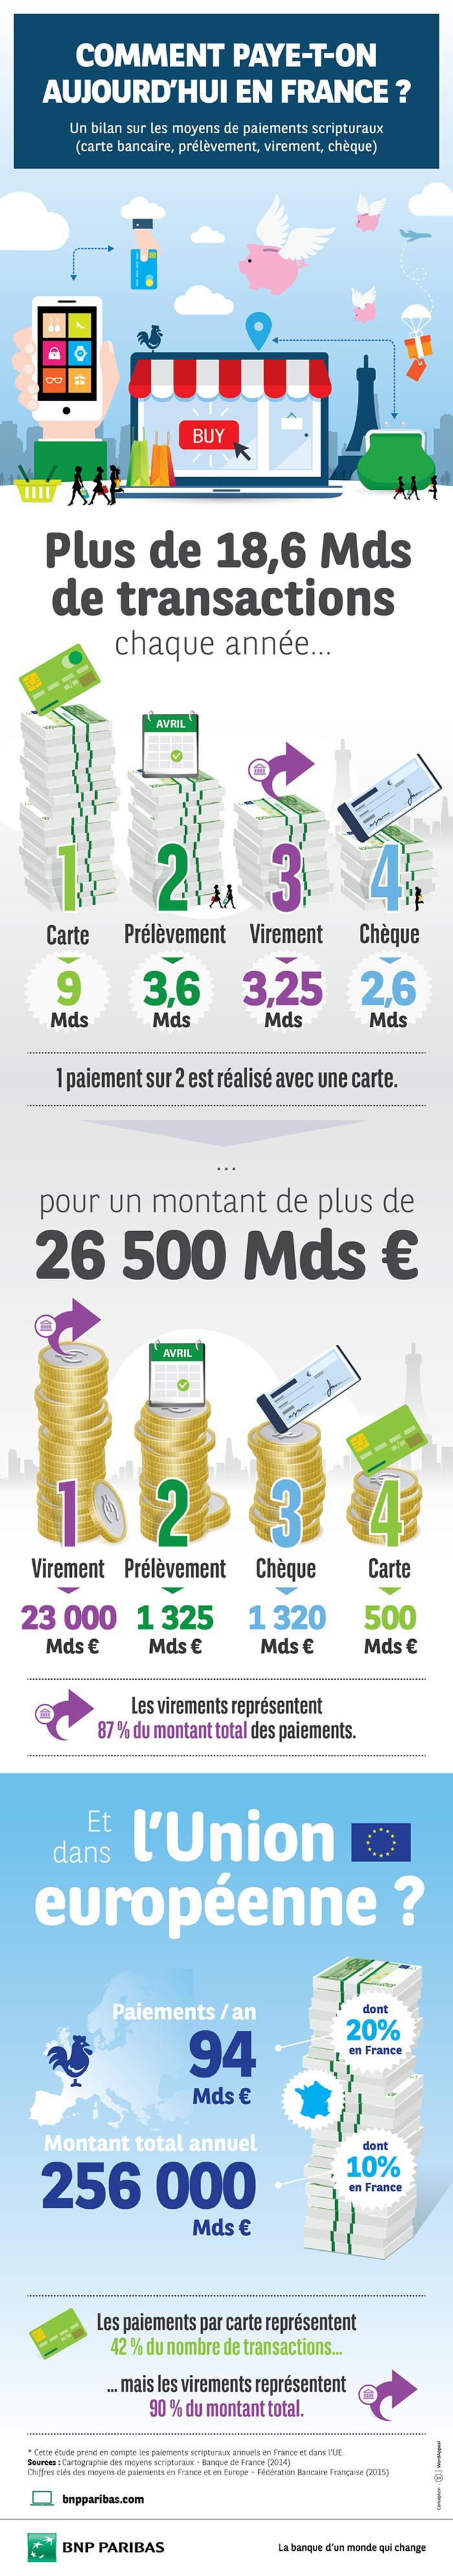 Comment paye-t-on aujourd'hui en France ?